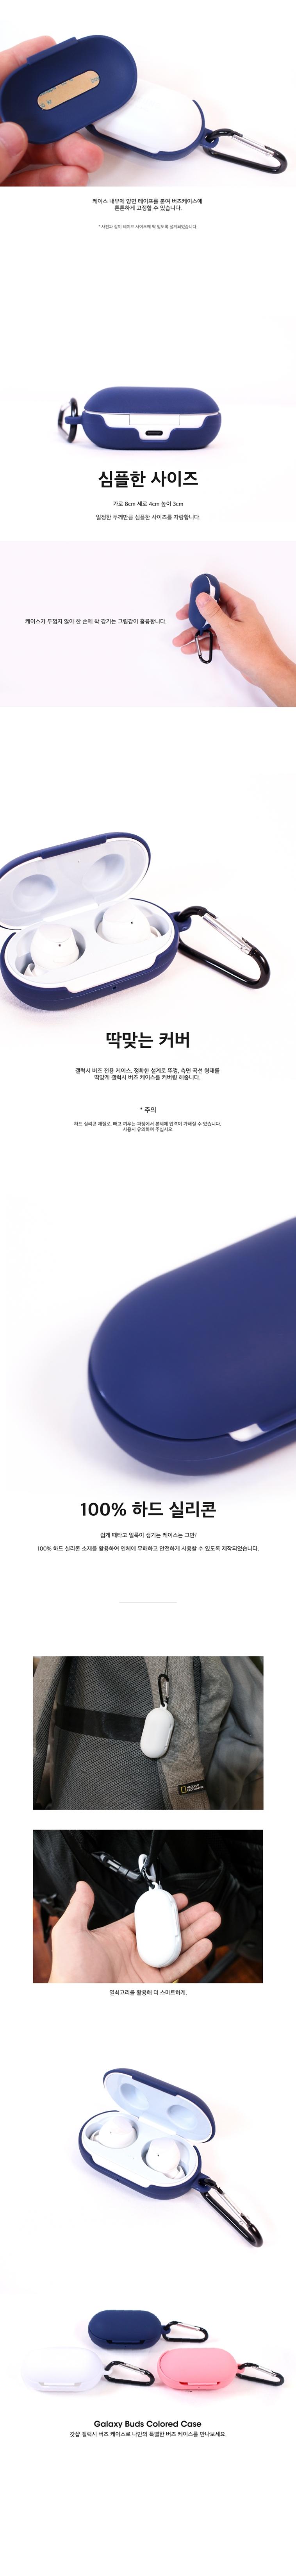 삼성 하드 갤럭시 버즈 버드 실리콘 키링 케이스 - 갓샵, 5,500원, 이어폰, 이어폰 악세서리